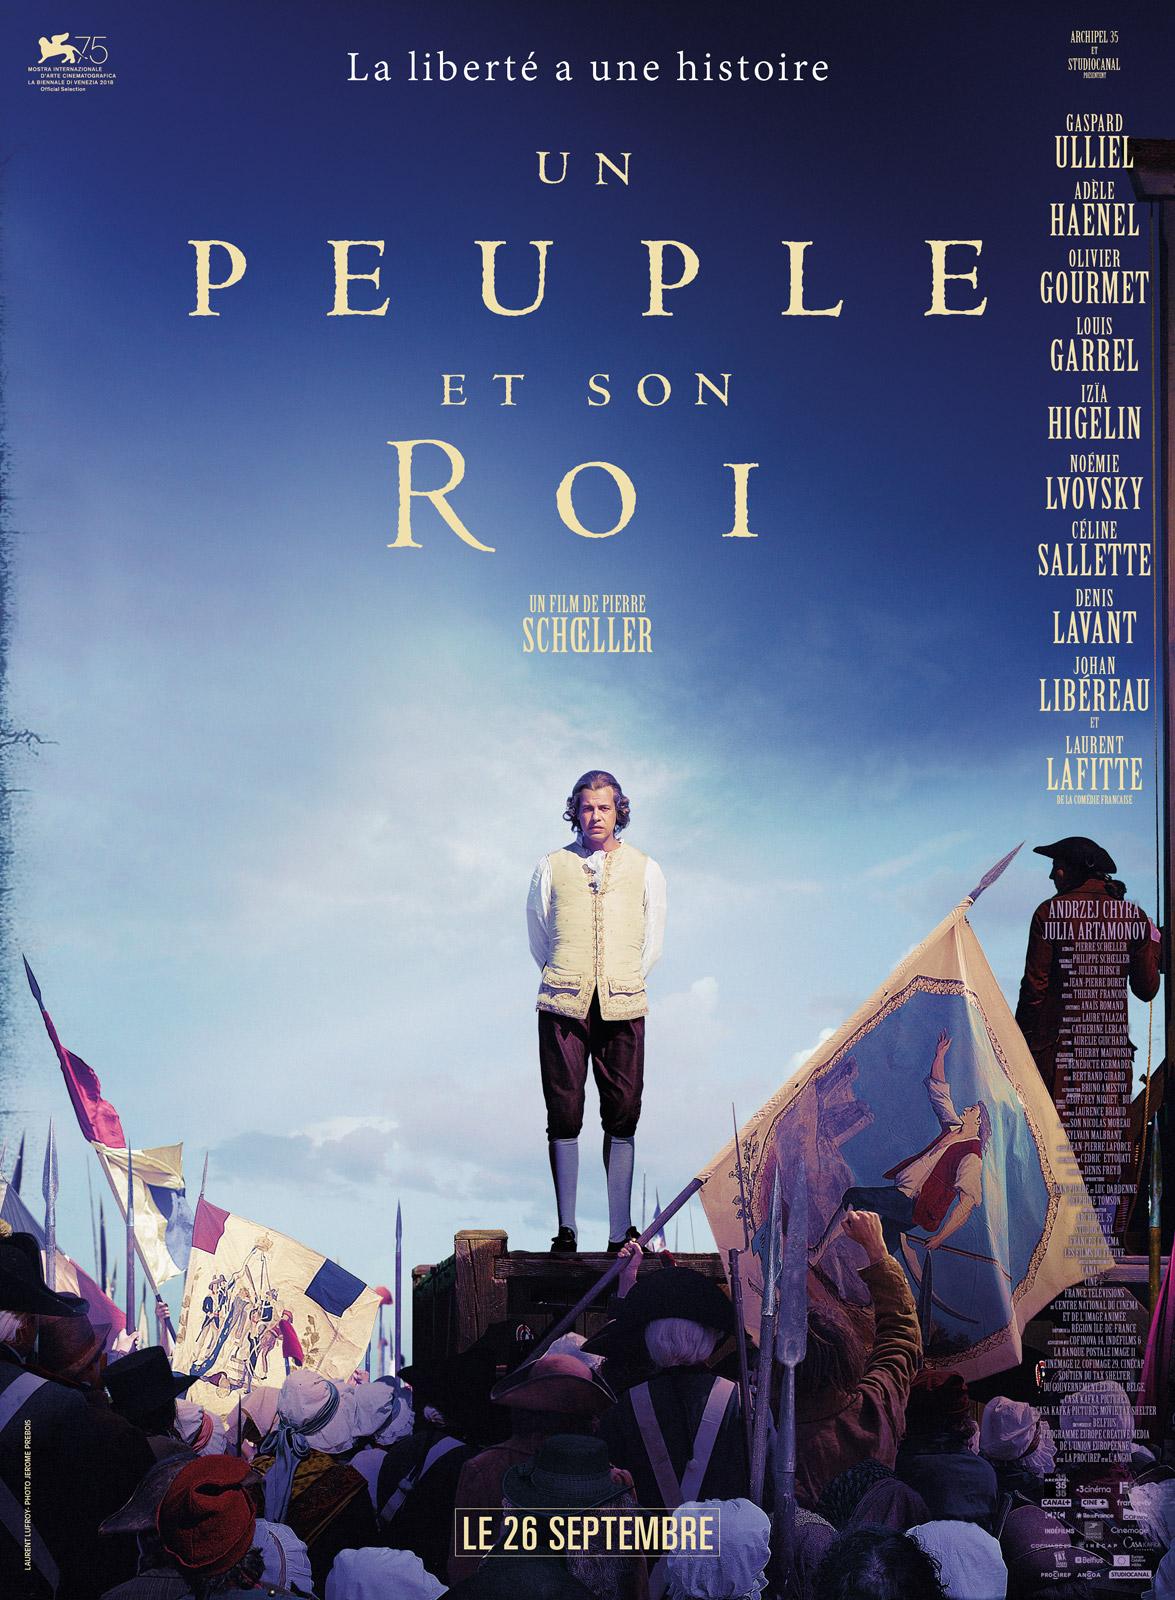 [好雷] 法國大革命 Un peuple et son roi (2018 法國片)